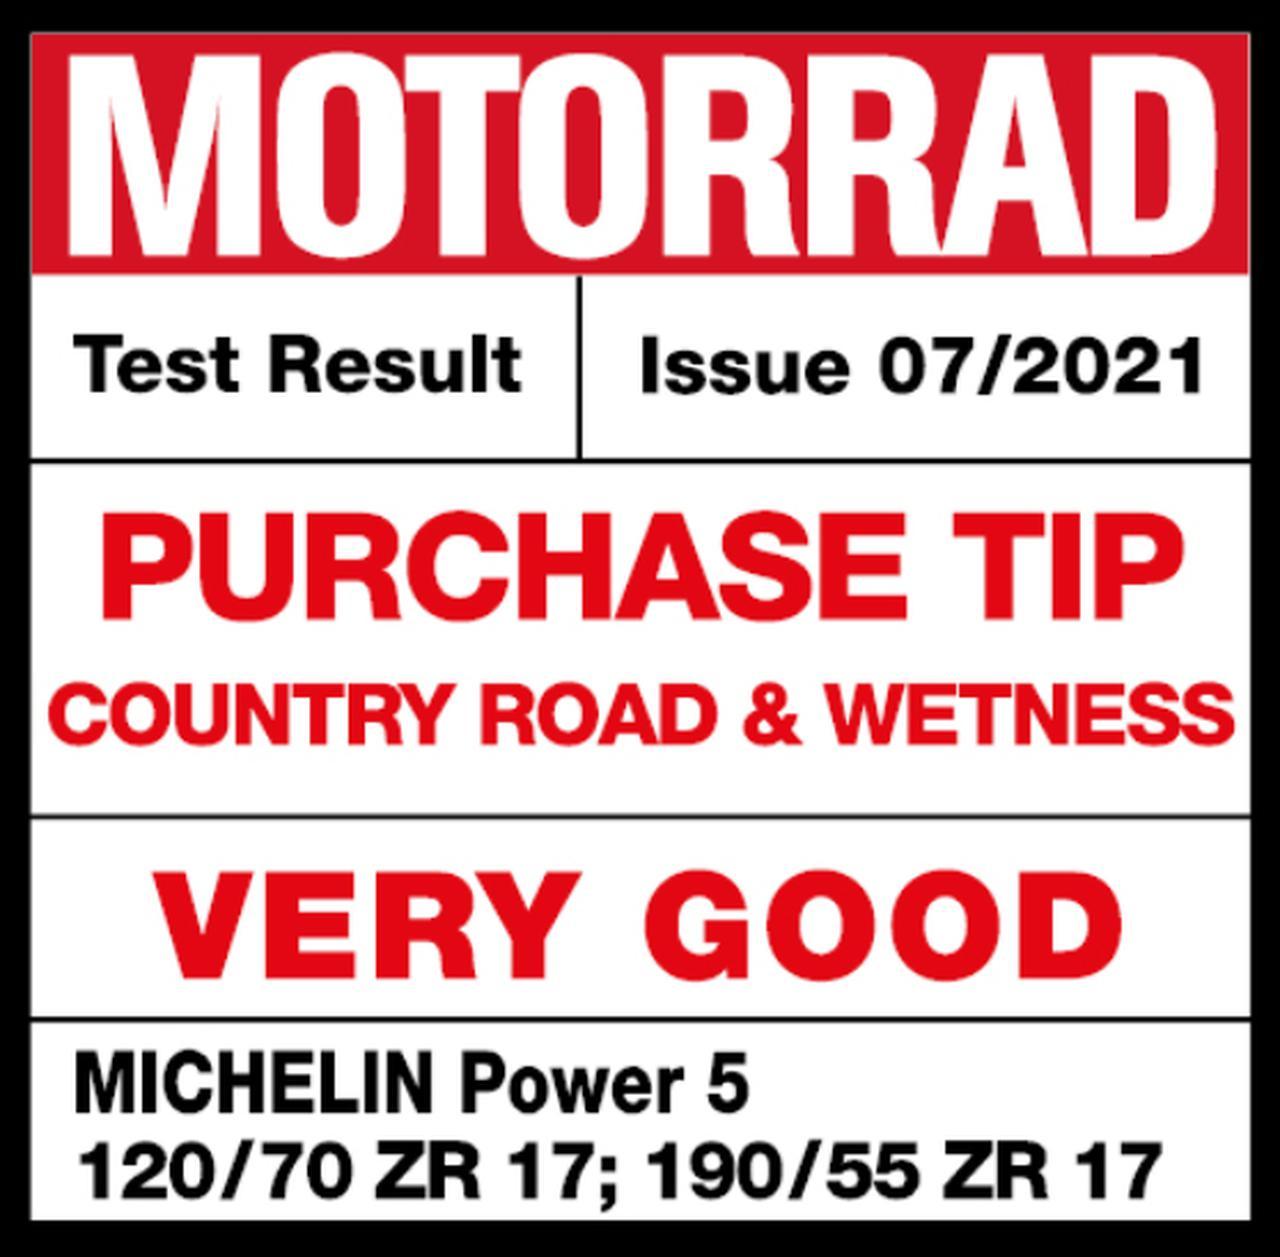 画像: 日本ミシュランタイヤ公式サイト[MICHELIN] | 乗用車・商用車タイヤ、バス・トラック用タイヤ、ミシュランガイド